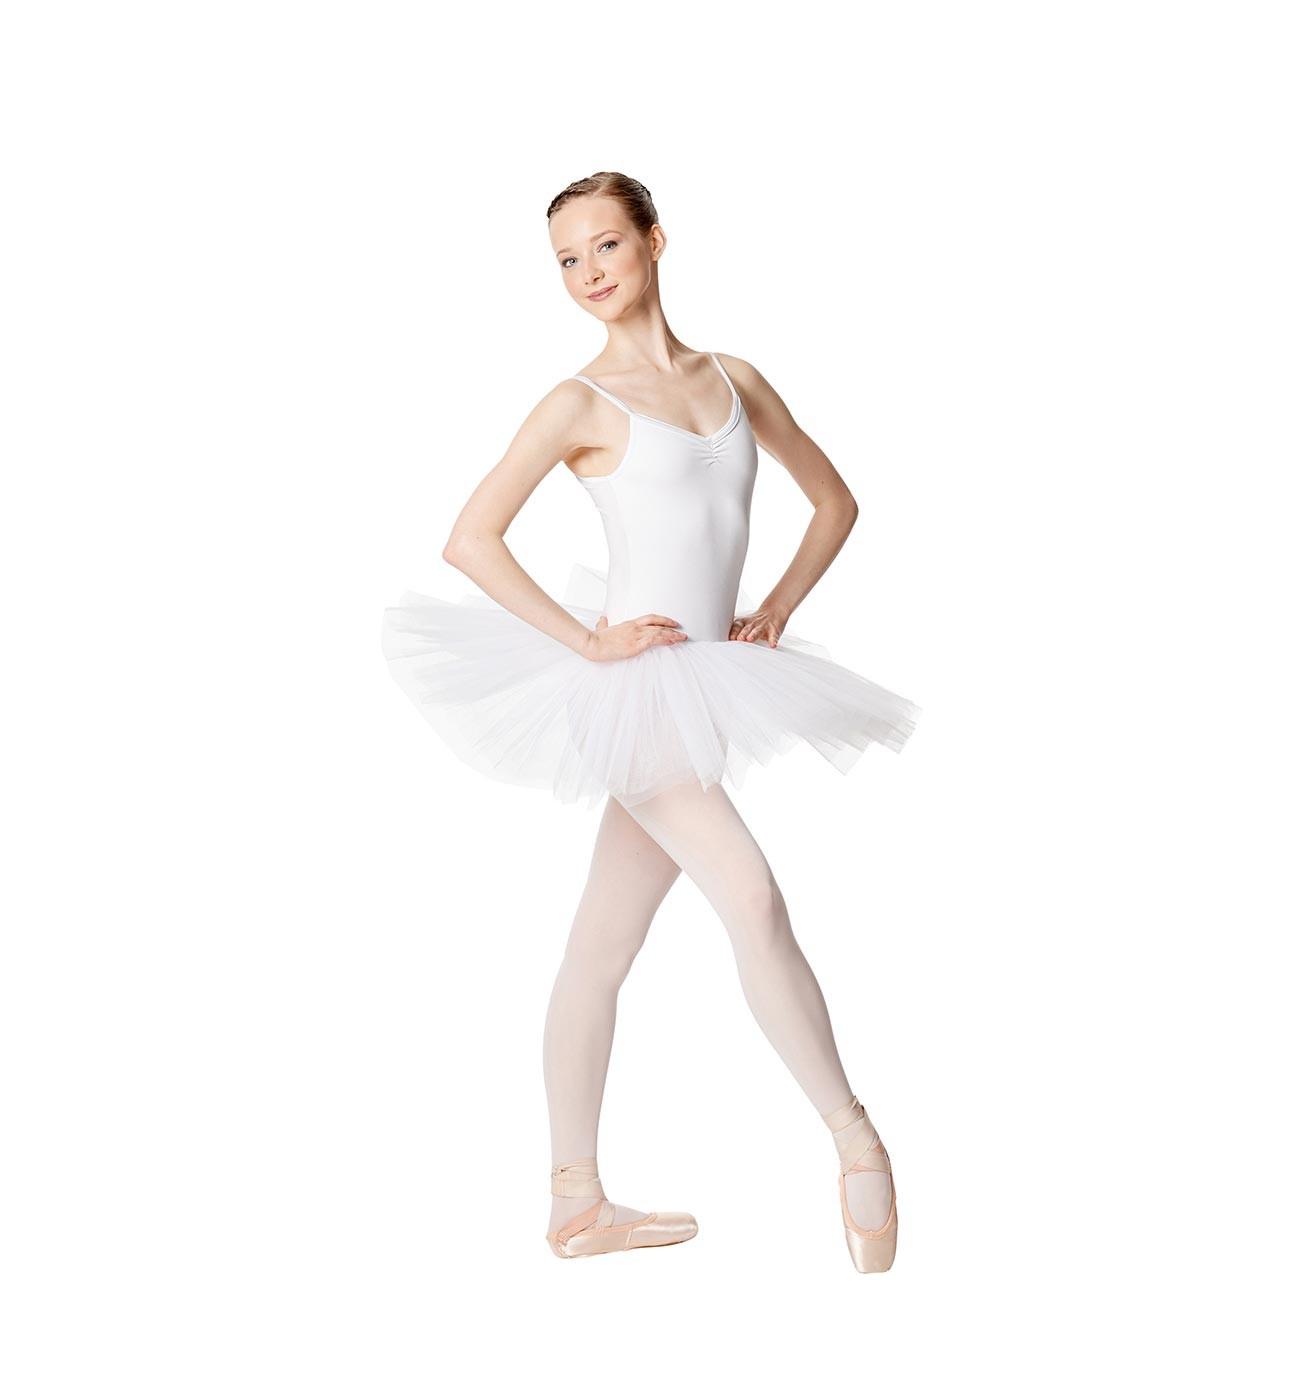 לבן שמלת טוטו Everly של Lulli מ- 4 שכבות טול LUBTU01A